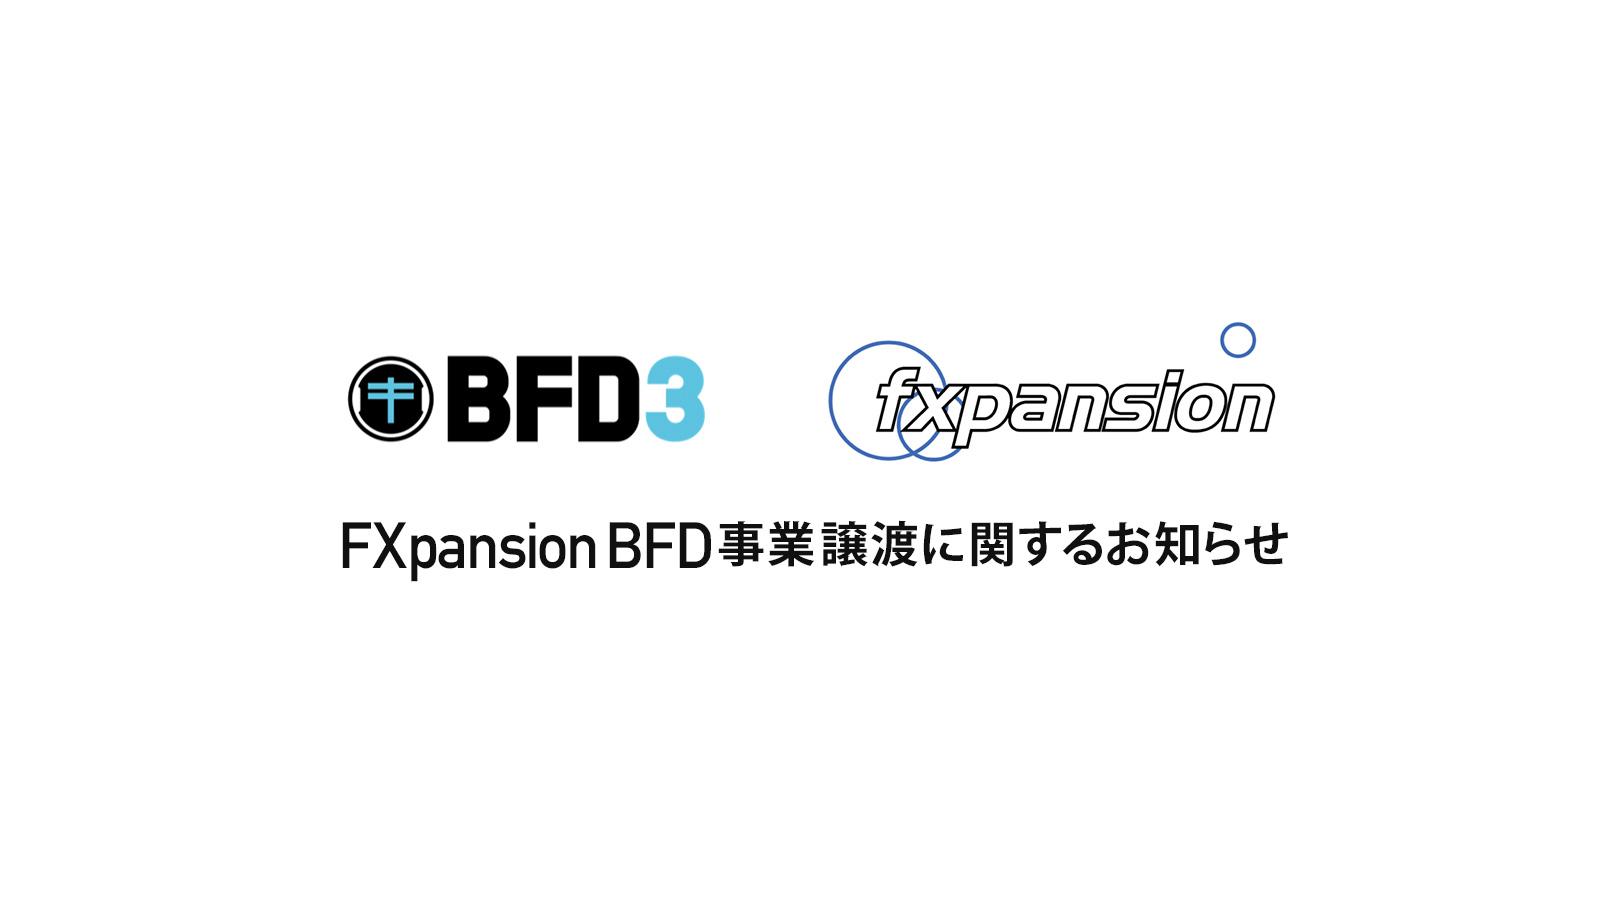 FXpansion BFD 事業譲渡に関するお知らせ